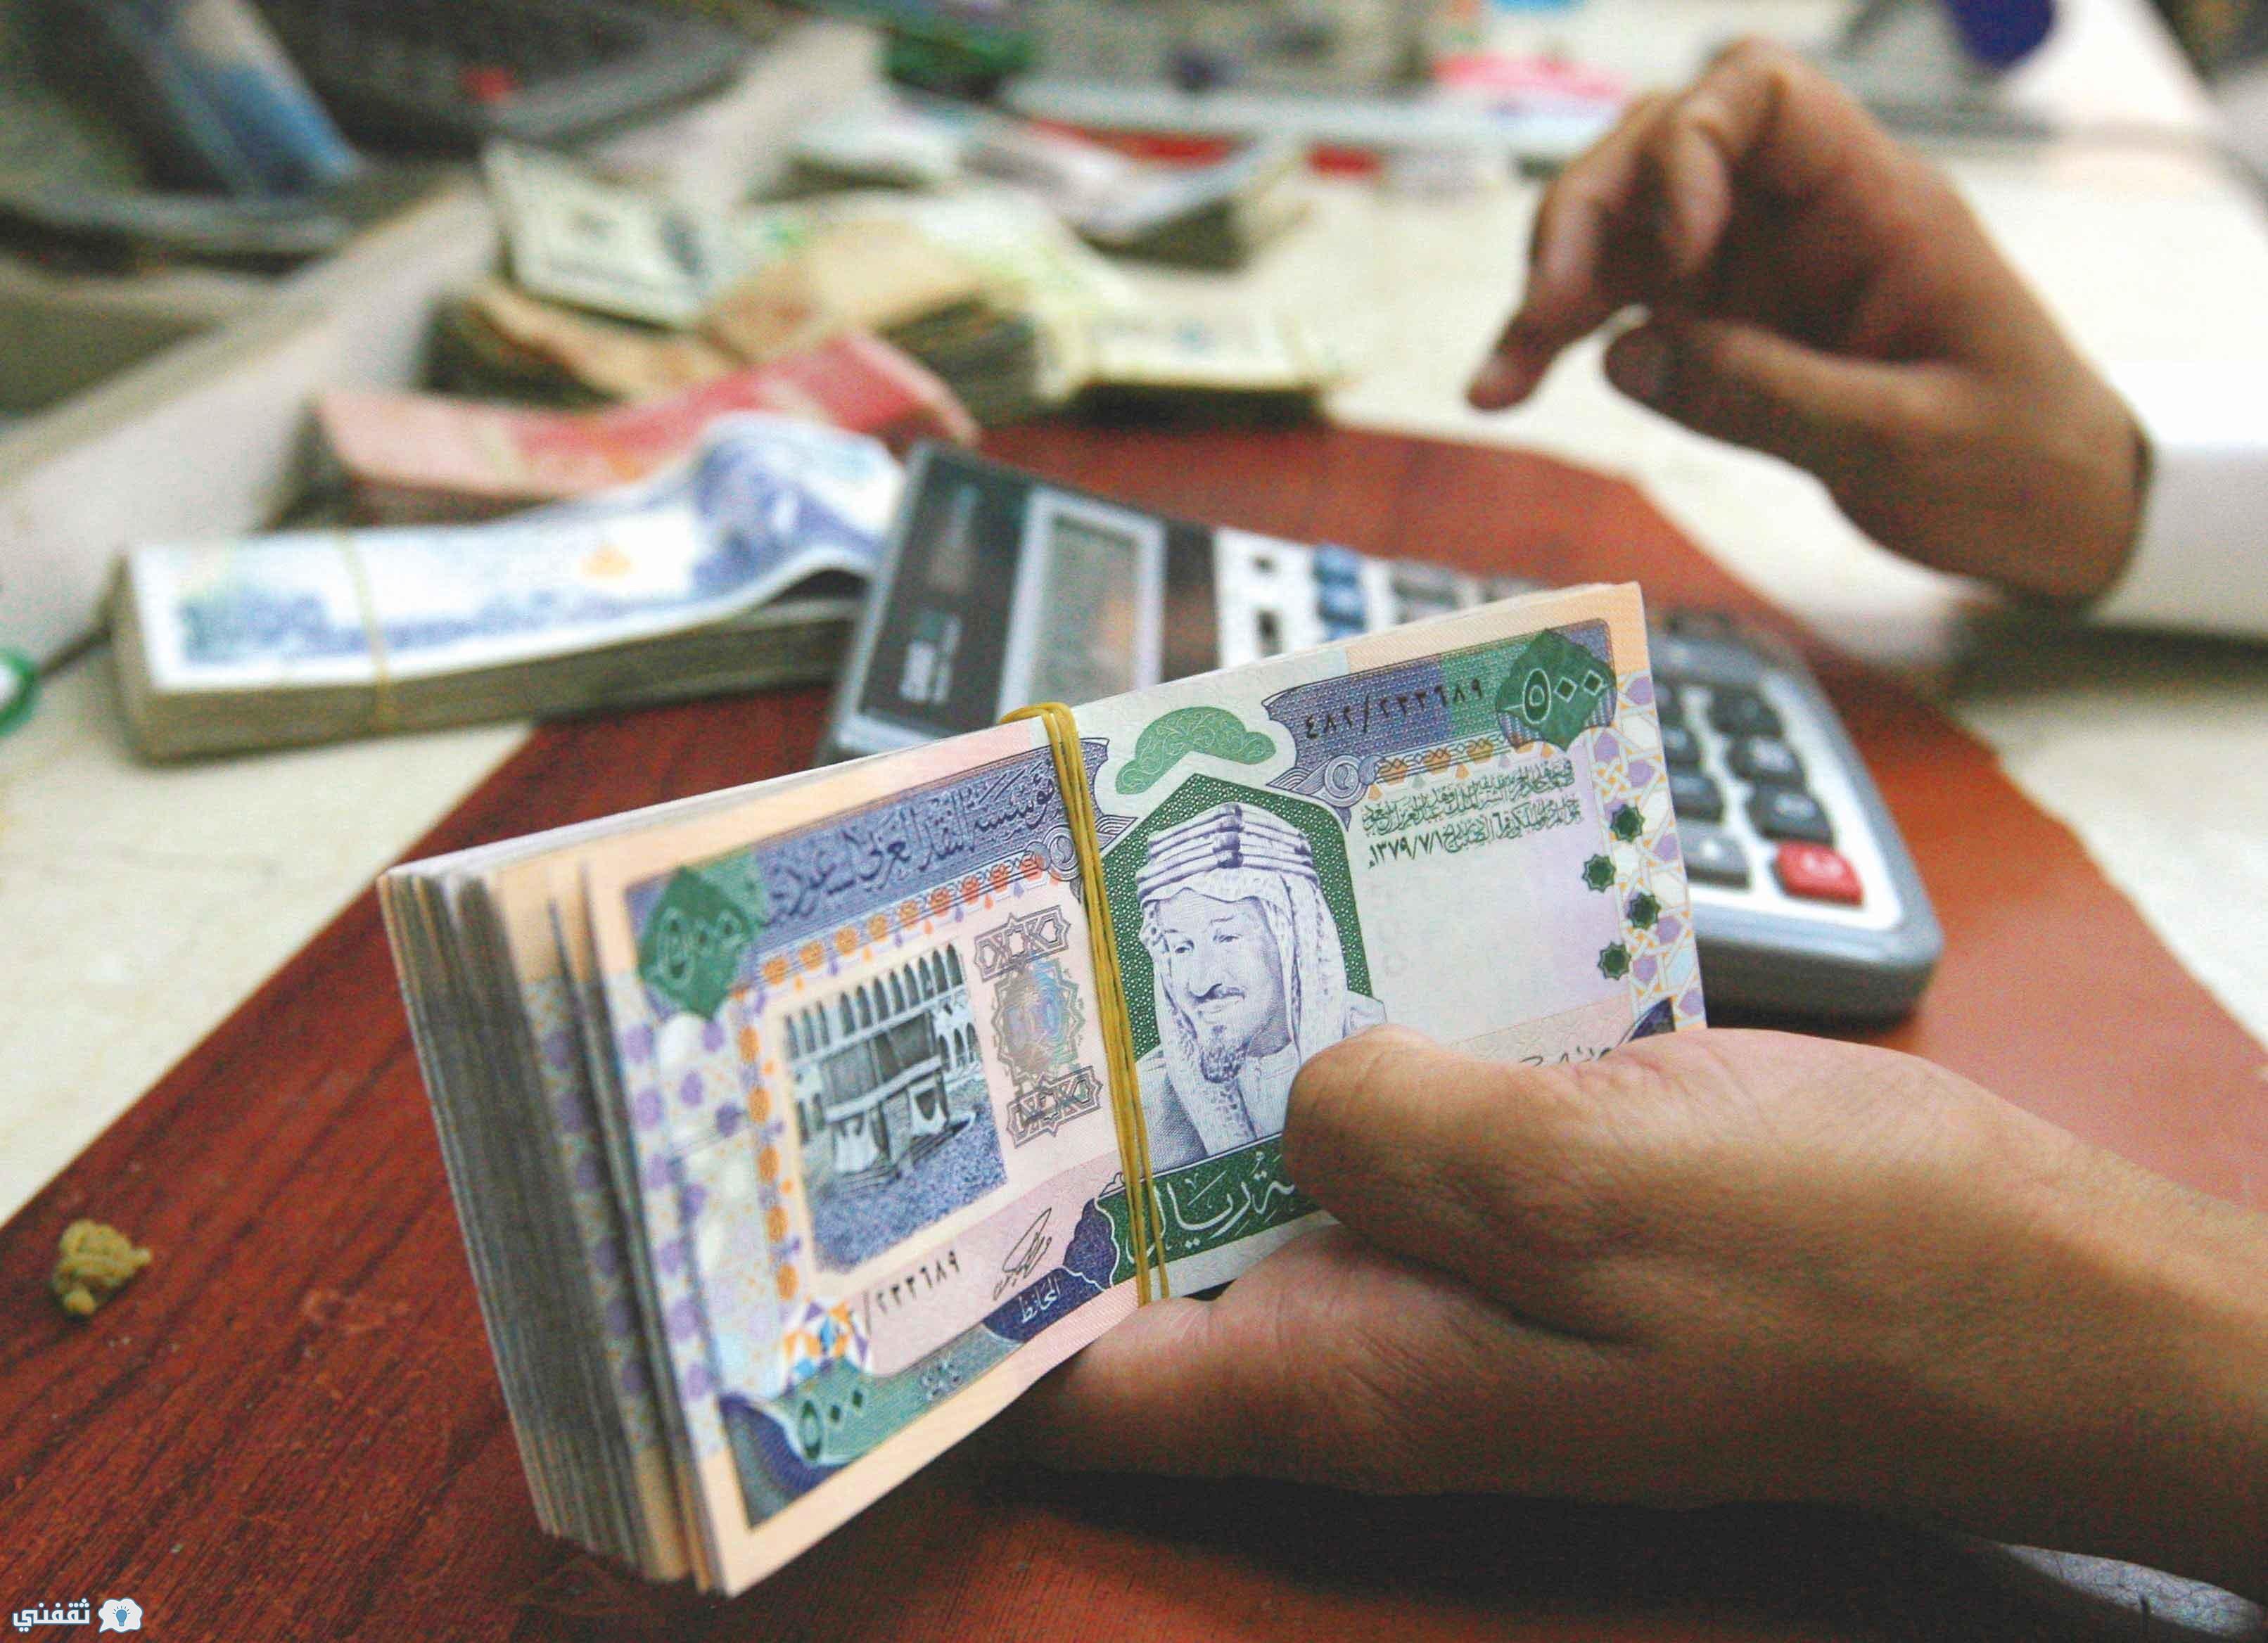 سعر الريال السعودي اليوم الاثنين 24-4-2017 في البنوك والسوق السوداء